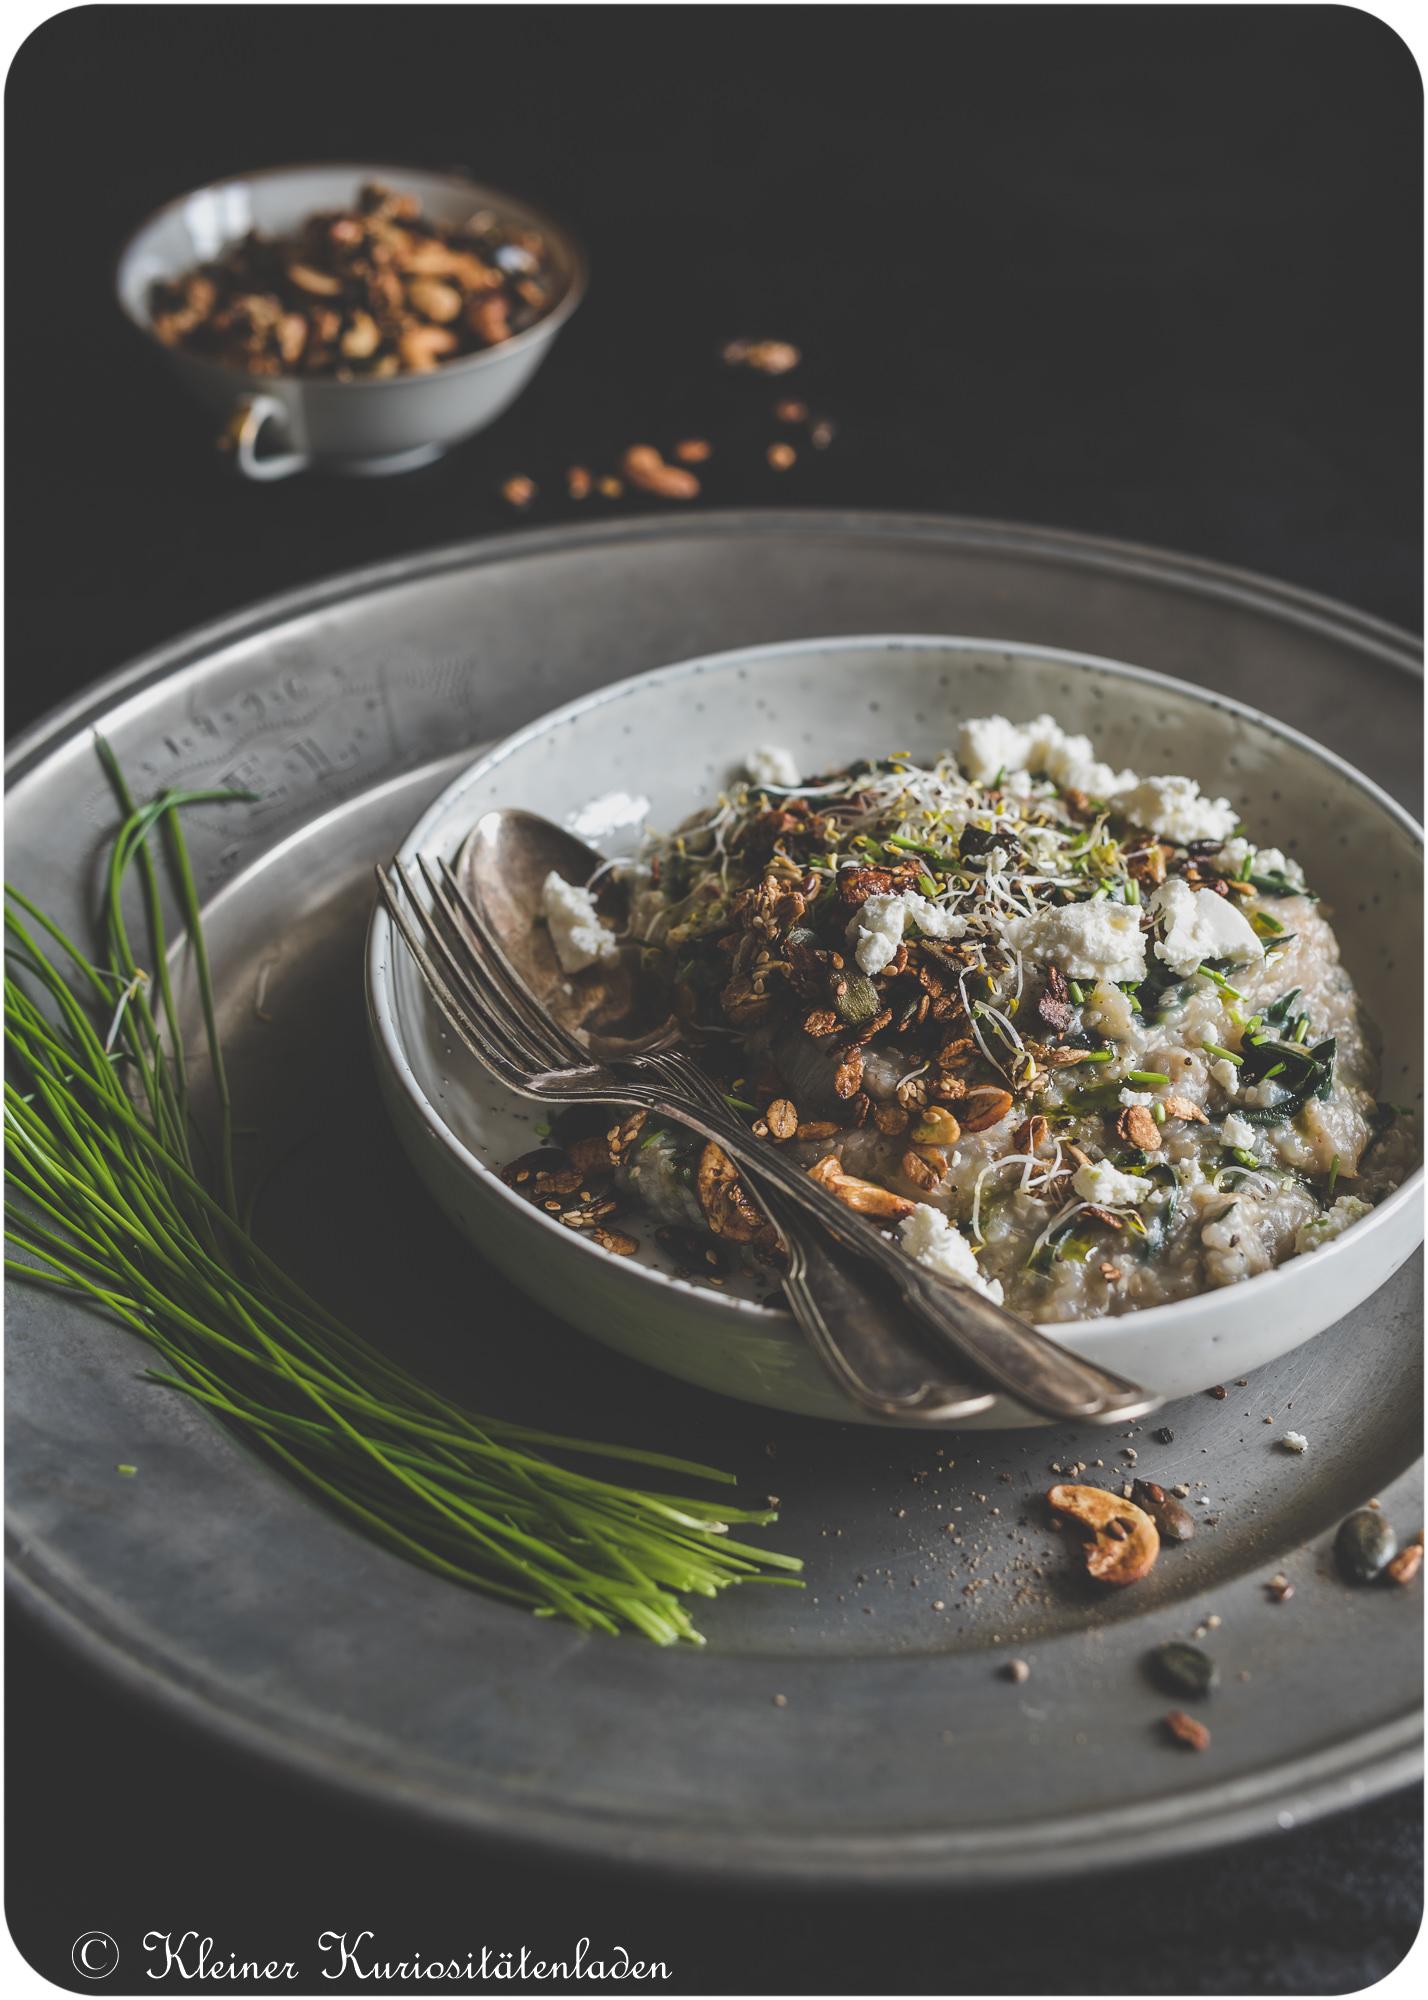 Herzhaftes Porridge mit Mangold und Granolatopping von Kleiner Kuriositätenladen